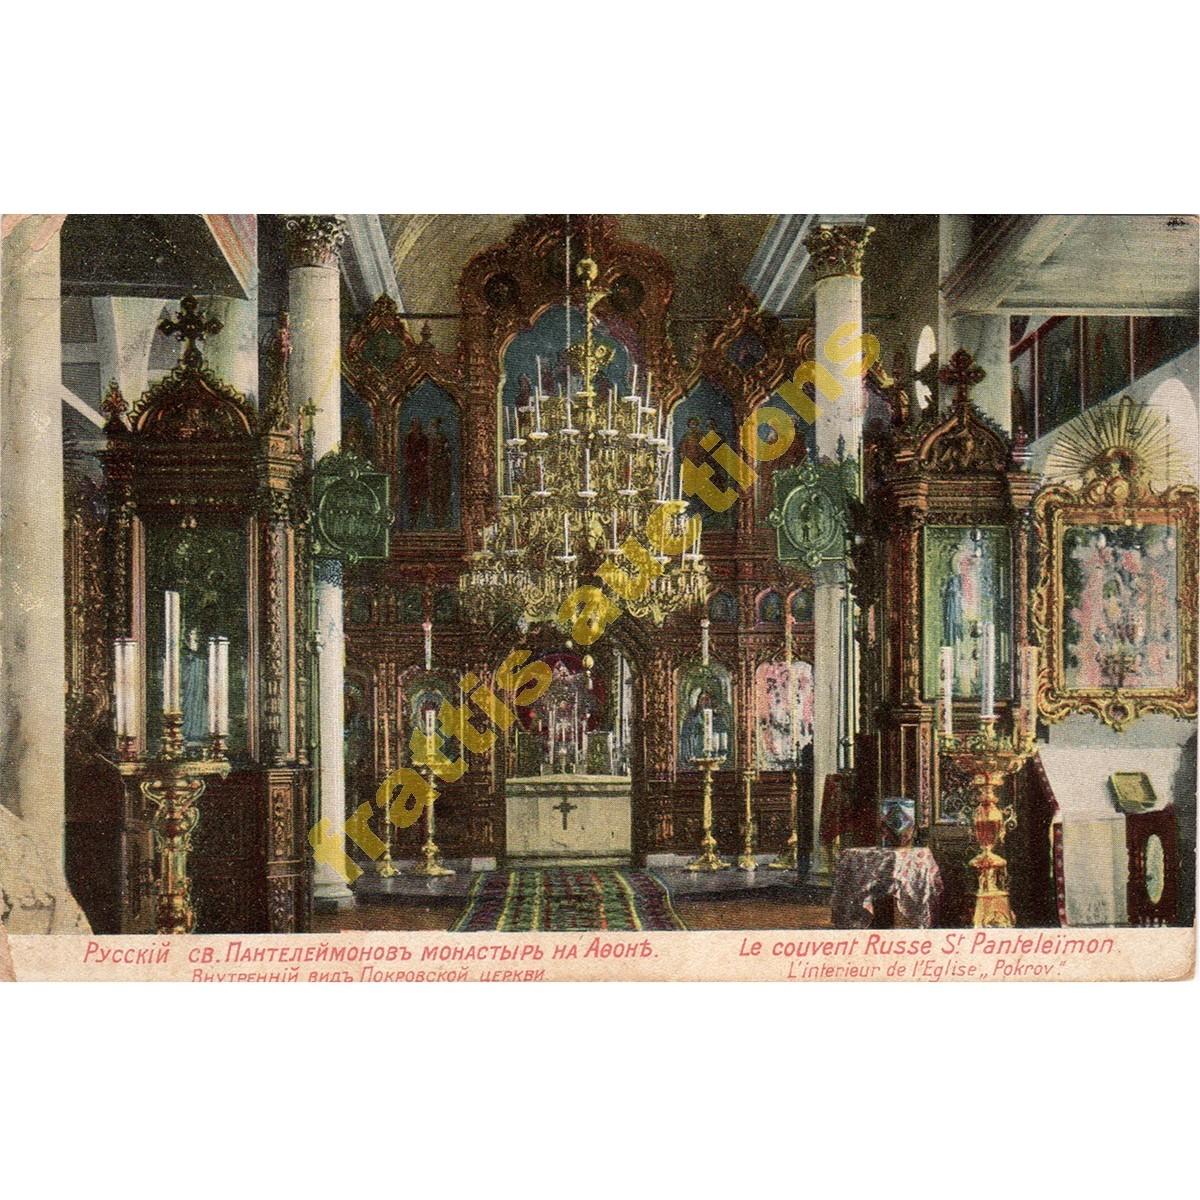 Ι.Μ. ΑΓΙΟΥ ΠΑΝΤΕΛΕΗΜΩΝΟΣ, Le couvent Russe St Panteleimon, L'interieur de l'Eglise, Pokrov, 1917